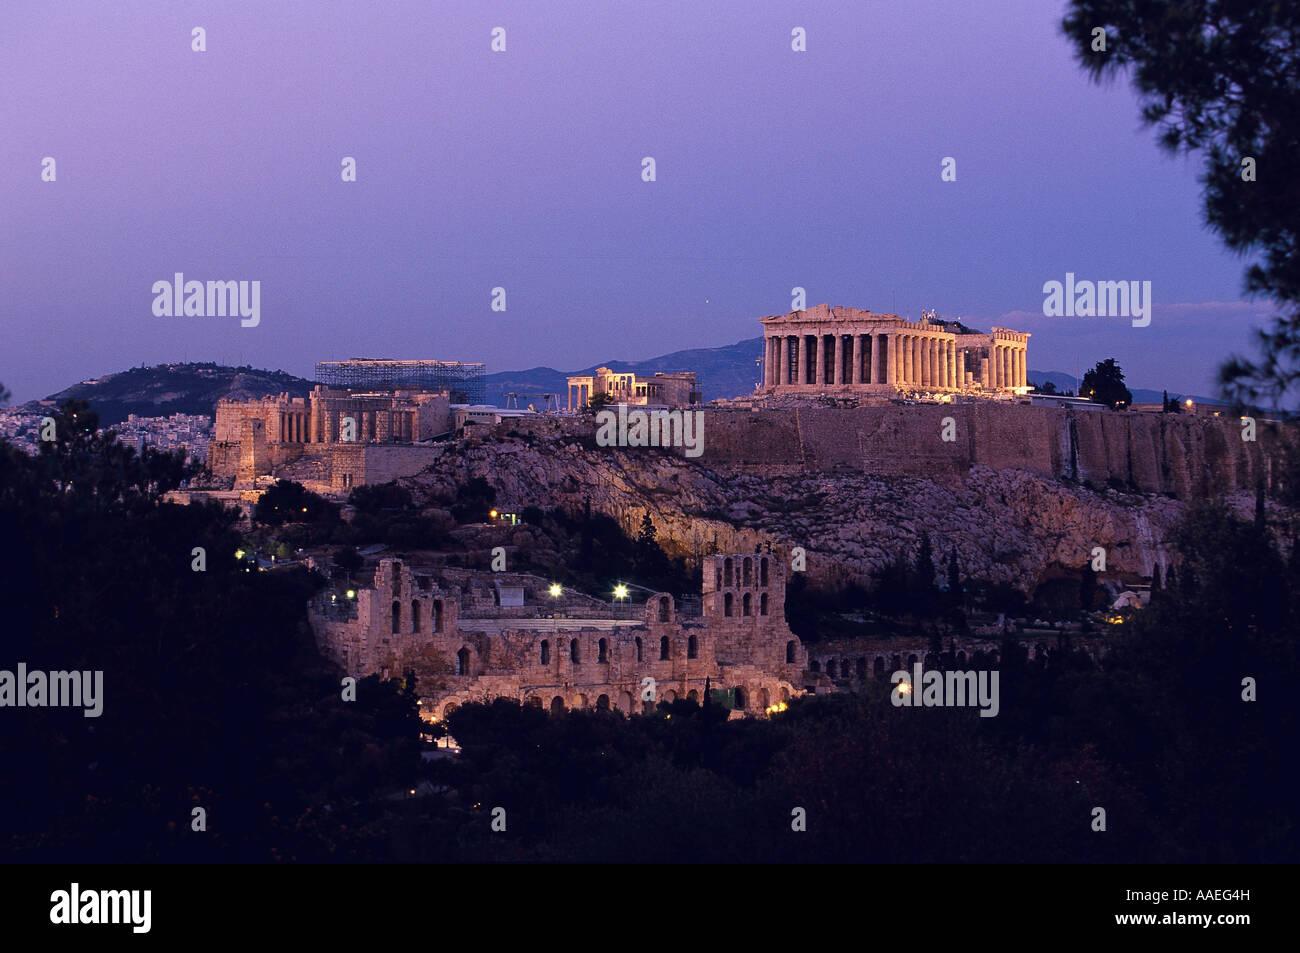 Acropoli di notte vista dalla collina Philopappos Foto Stock